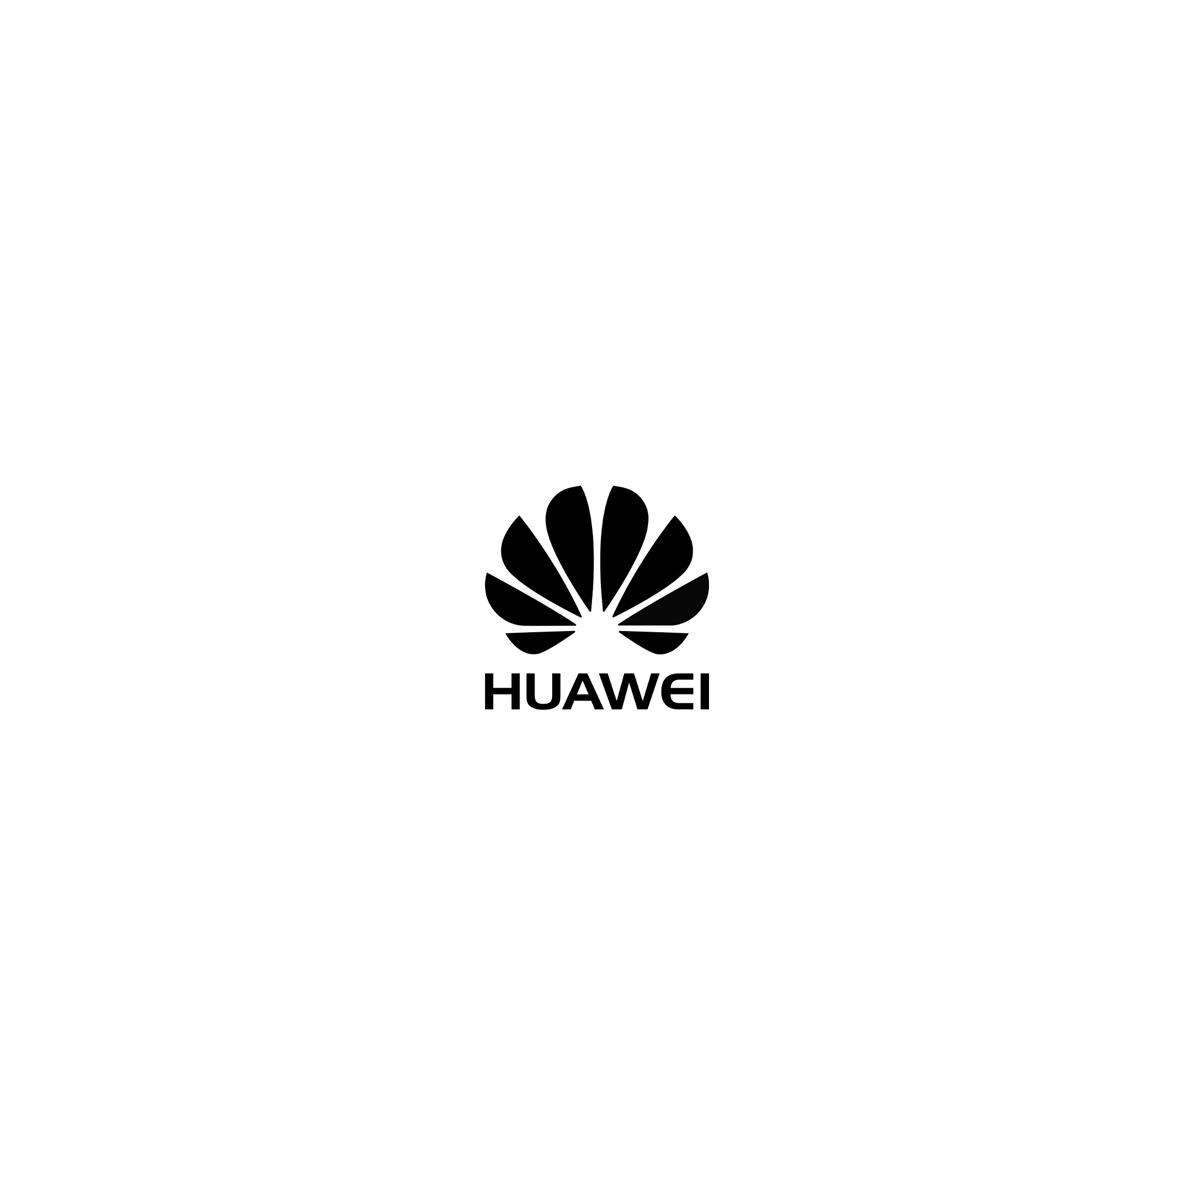 Embajador de Huawei Chile - Huawei P30 PRO (2019)Huawei Mate 20 PRO (2019)Huawei P20 PRO (2018)Huawei Mate 10 PRO (2018)-